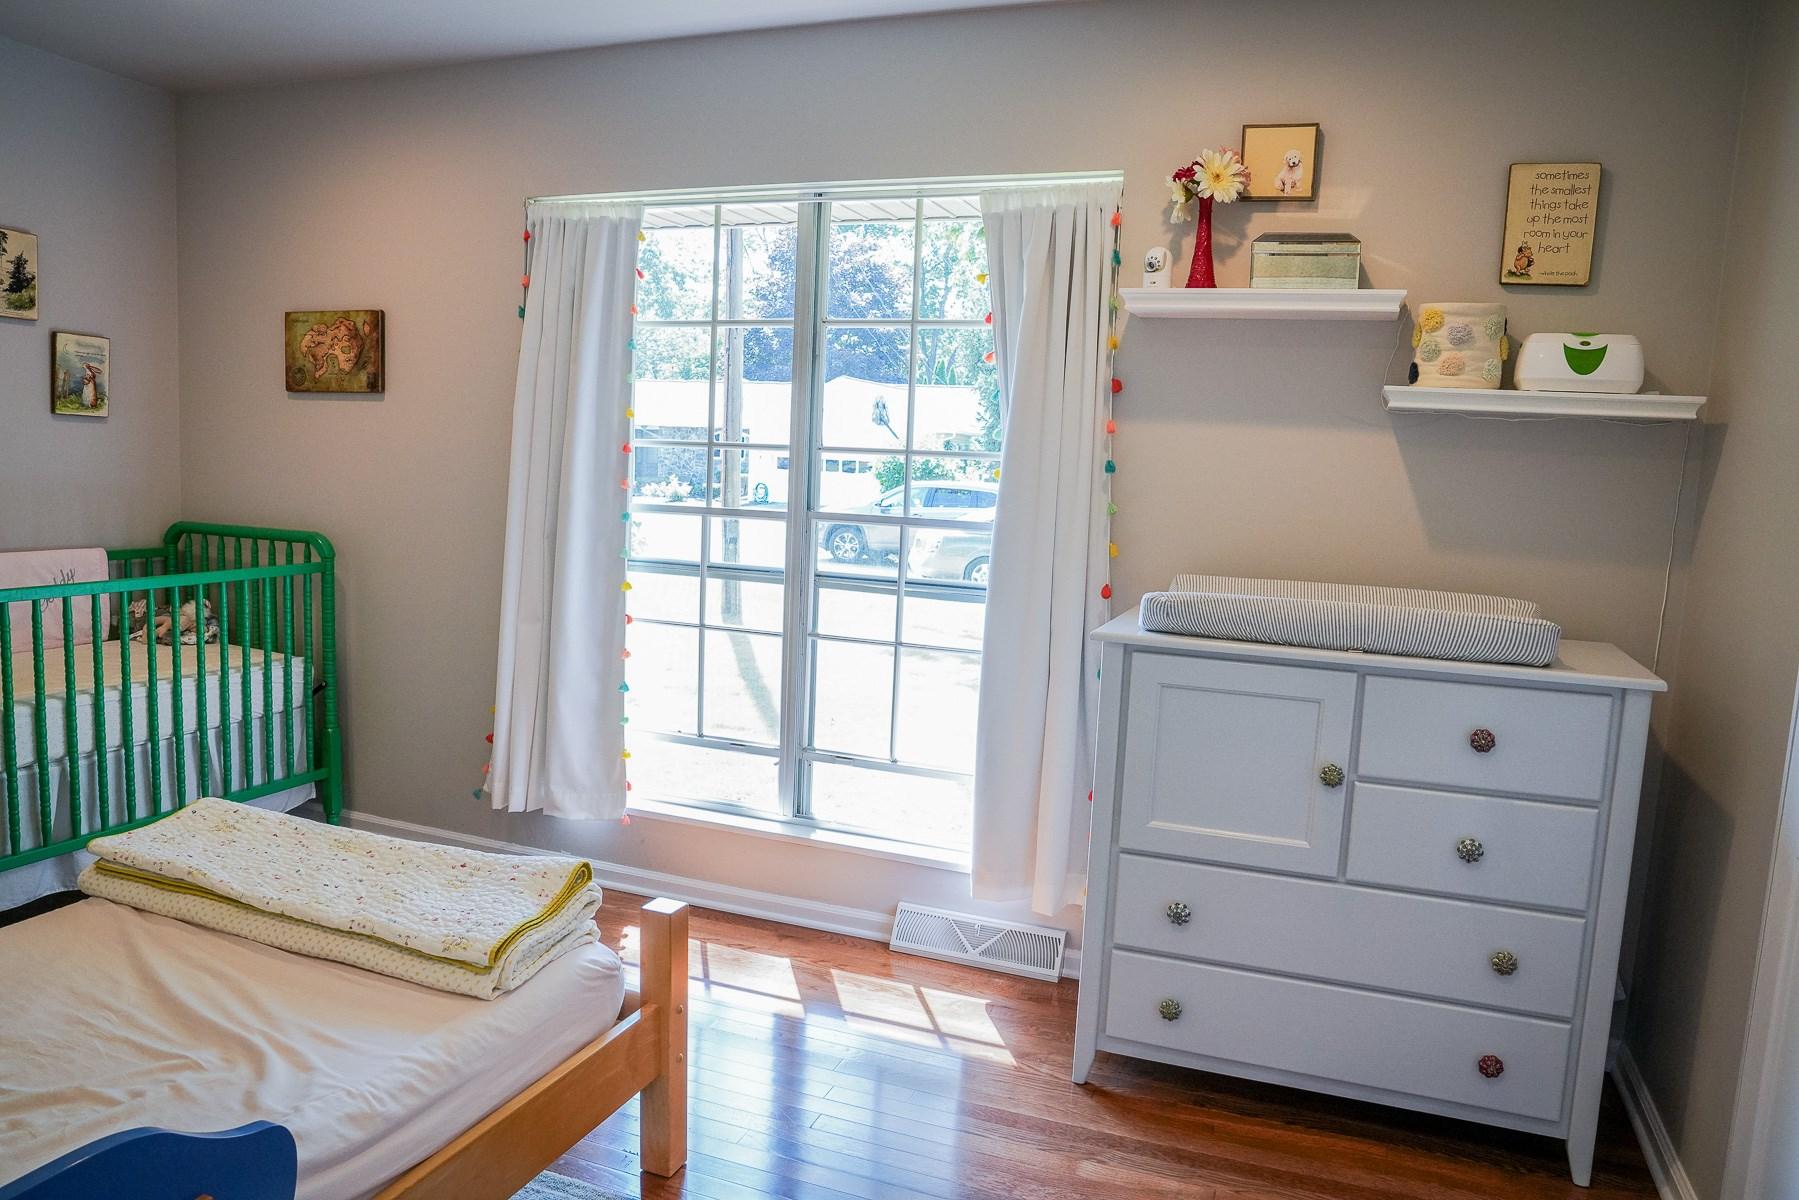 Saratoga S image 7